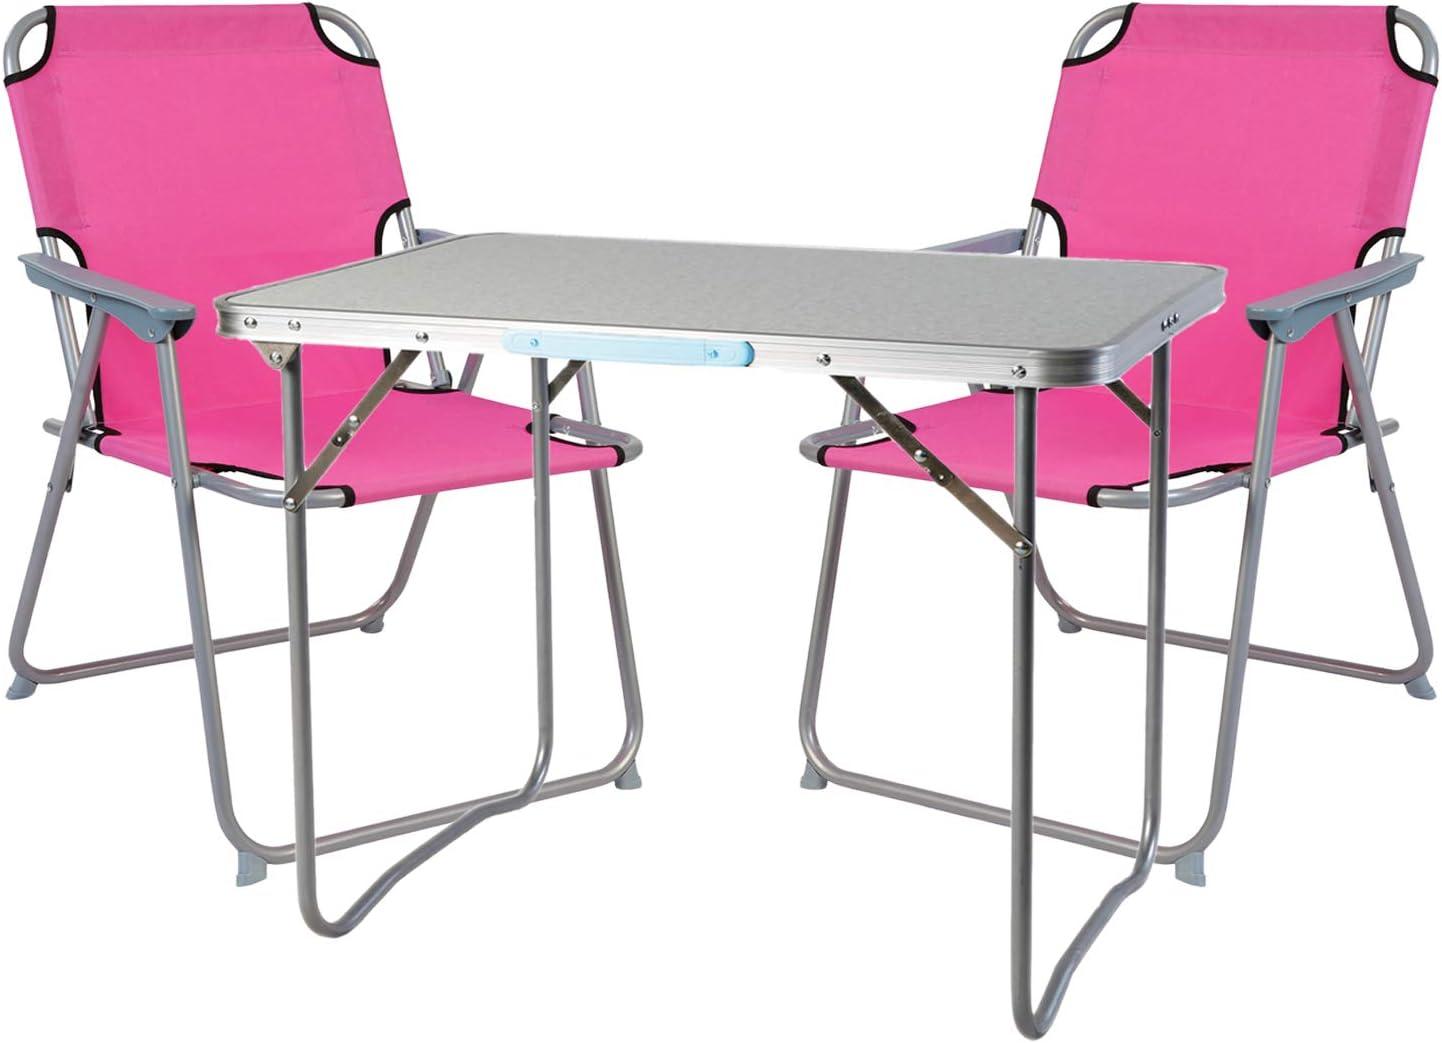 1 Tavolo da Campeggio con Maniglia e 2 sedie da Campeggio Rosa 80 x 60 x 68 cm Mojawo  3 Pezzi Set di mobili da Campeggio in Alluminio